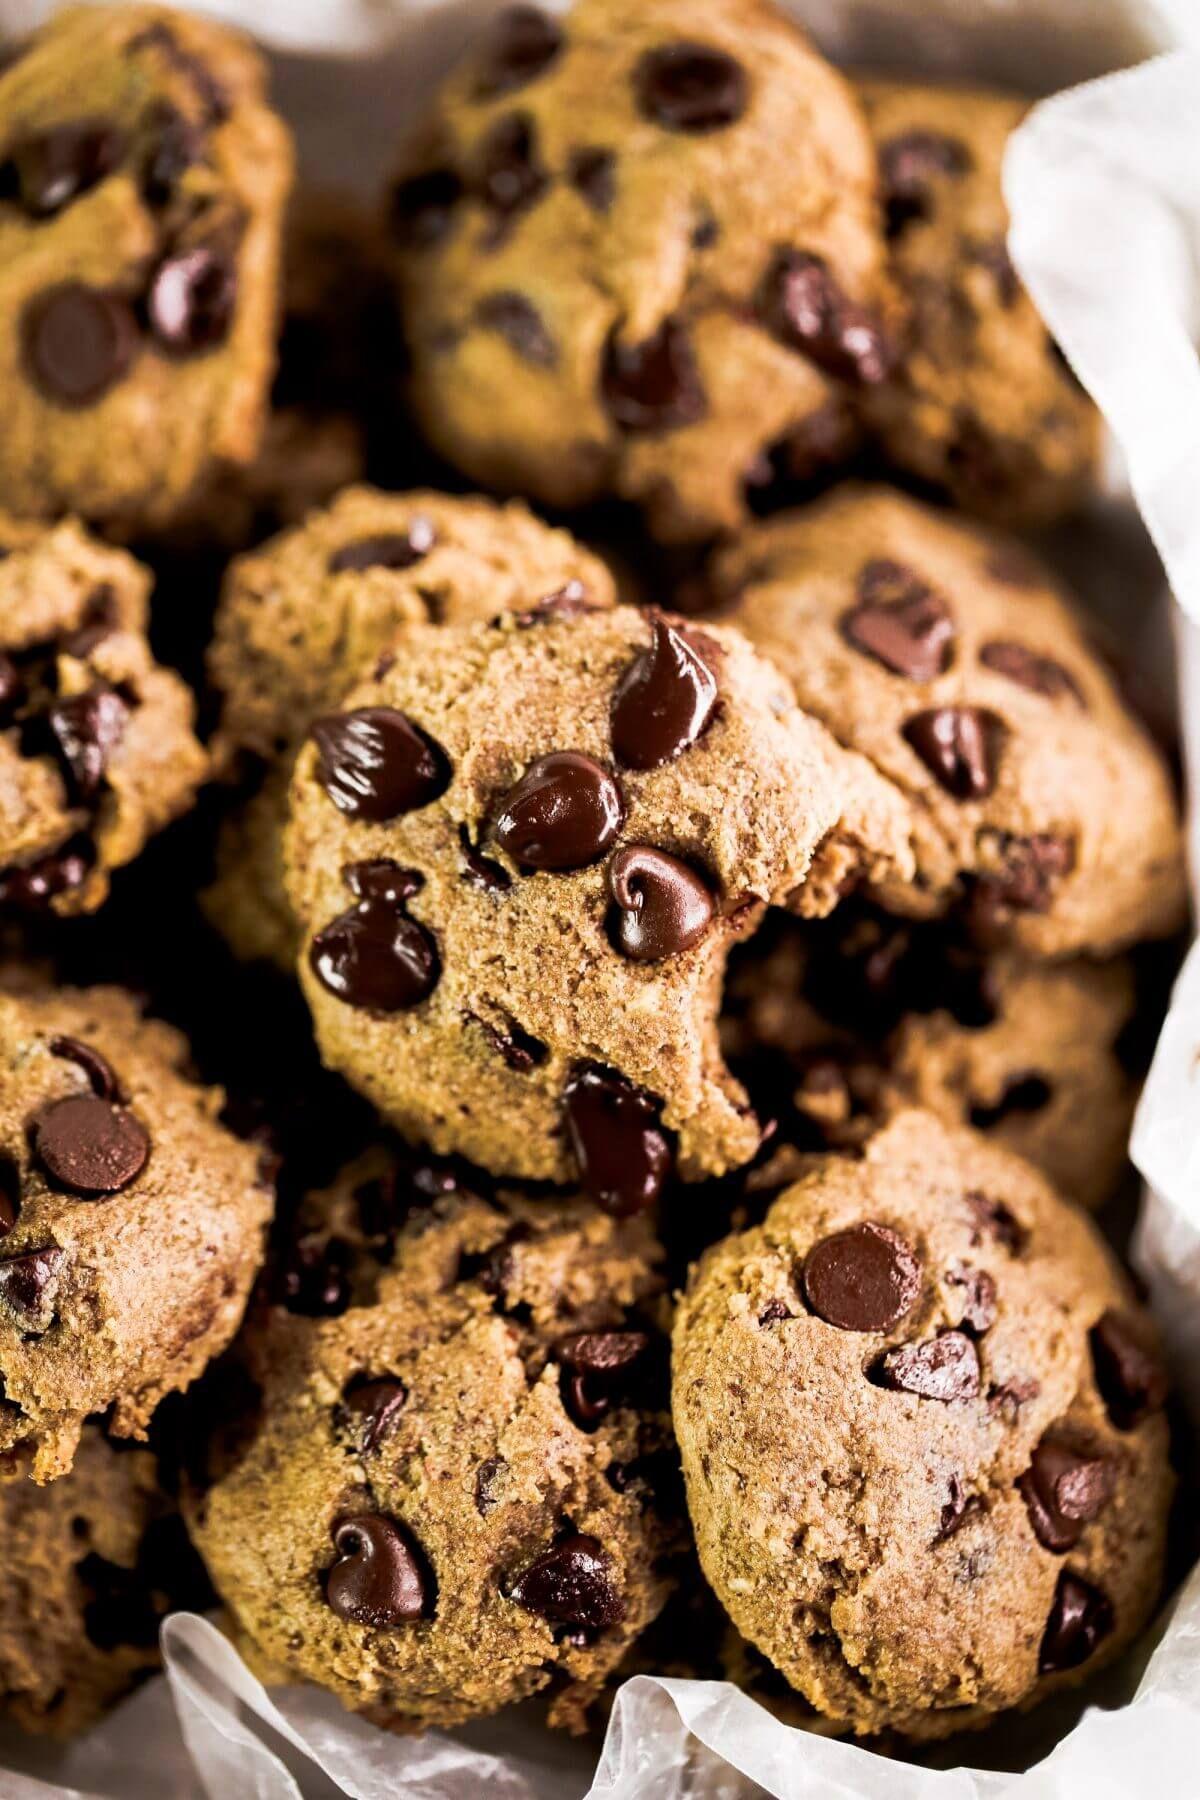 Chocolate chip cookies paleo gluten free paleo gluten